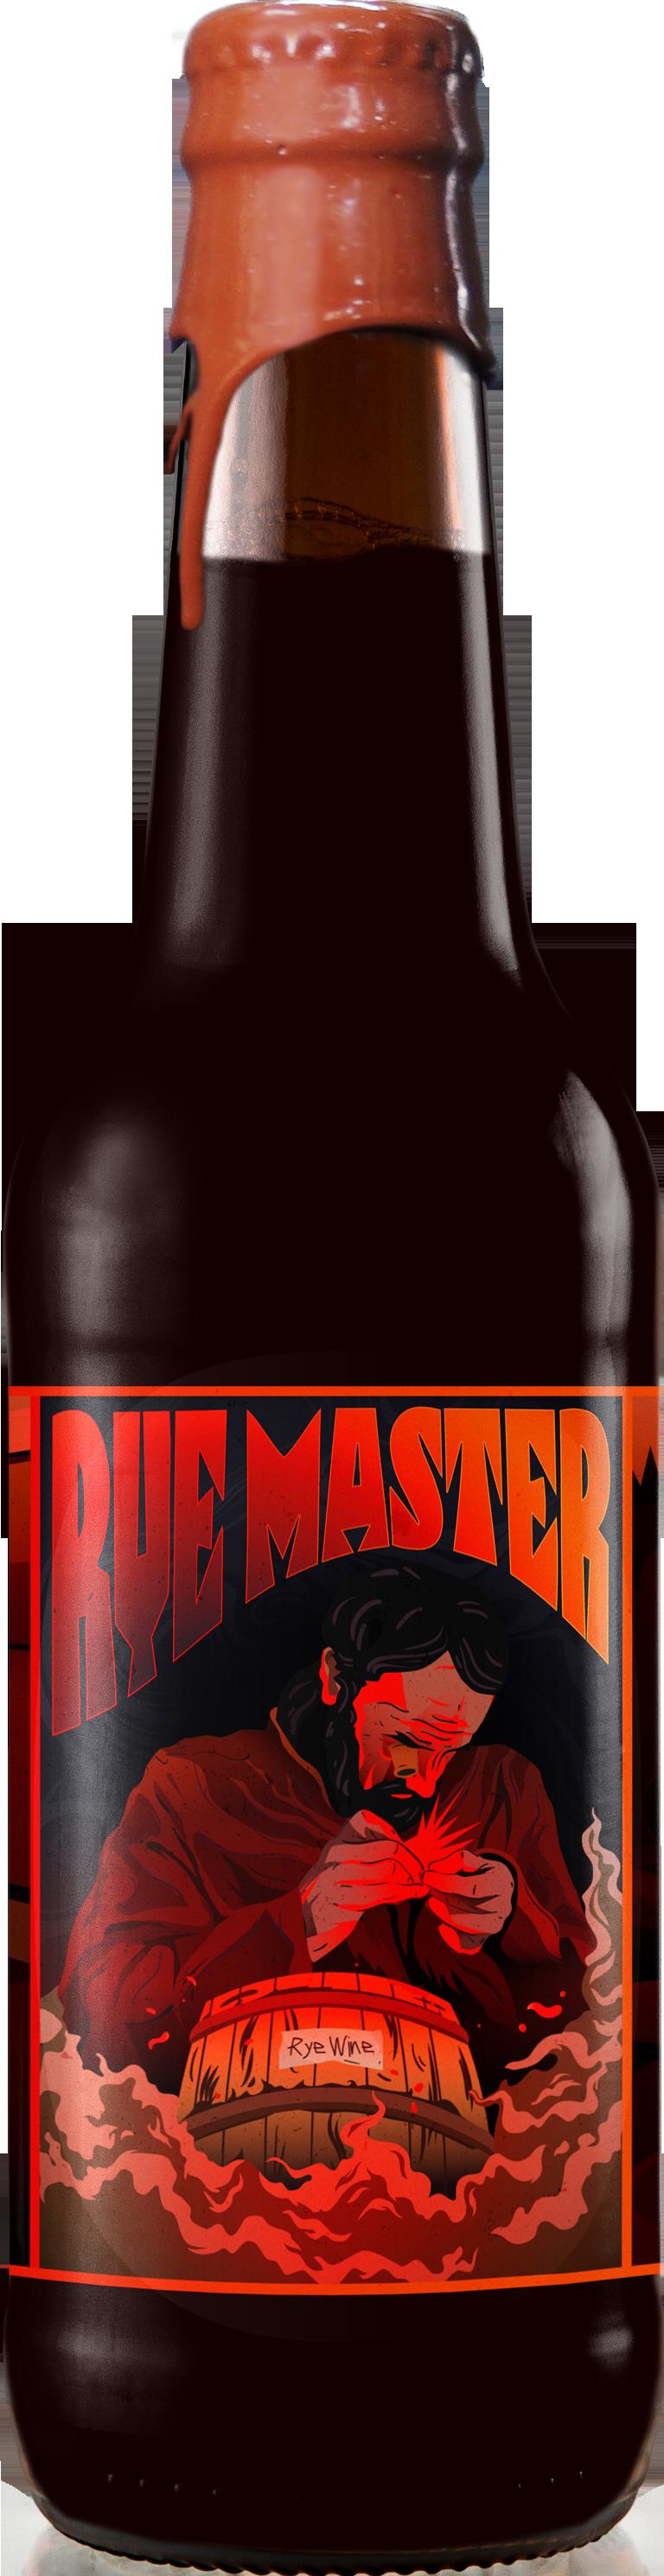 Rye Master